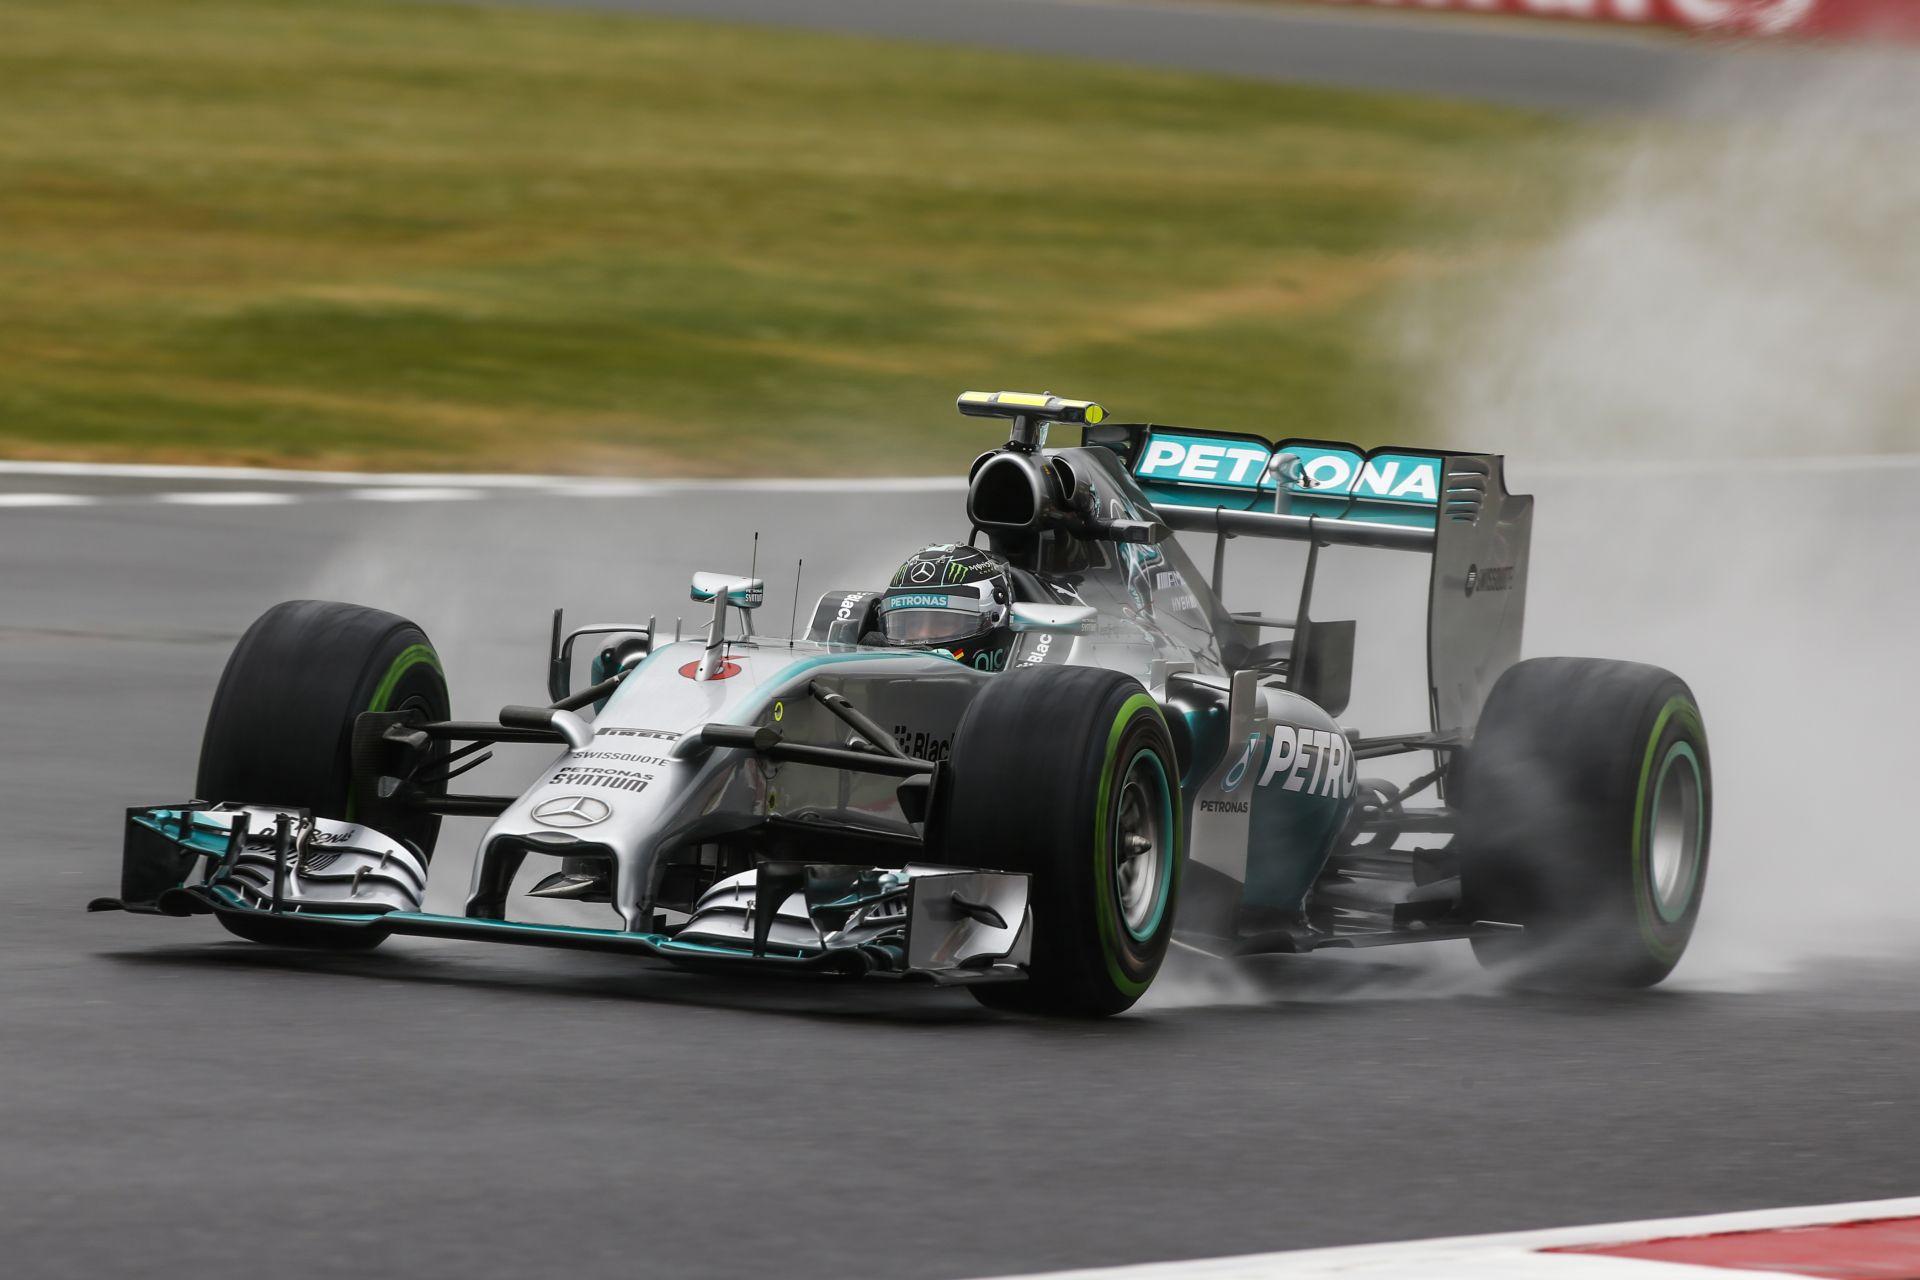 A Mercedes nem remeg meg az FIA döntése miatt, mivel már rég felkészült rá